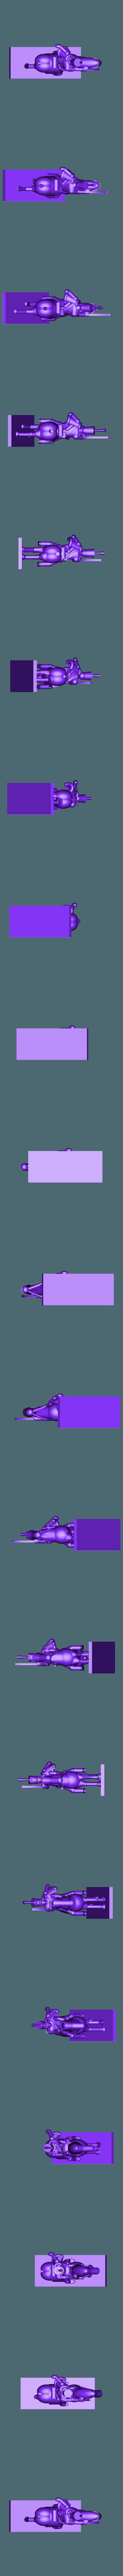 fr_hussar1b.stl Télécharger fichier STL gratuit Napoléoniens - 2ème partie - Français / Alliés Cavalerie • Plan imprimable en 3D, Earsling